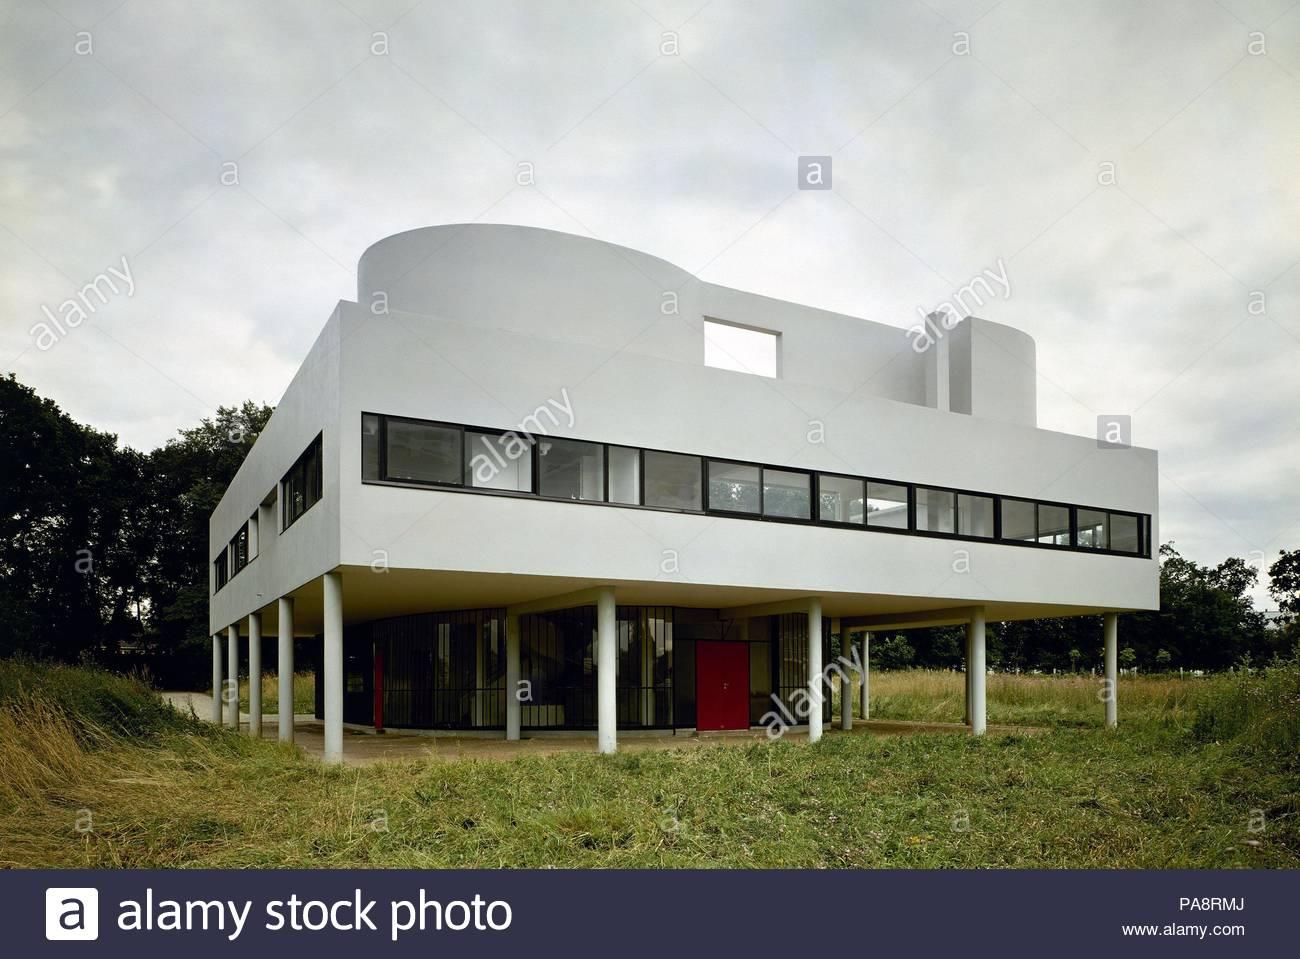 Villa Savoye, Poissy Stock Photos & Villa Savoye, Poissy Stock ...